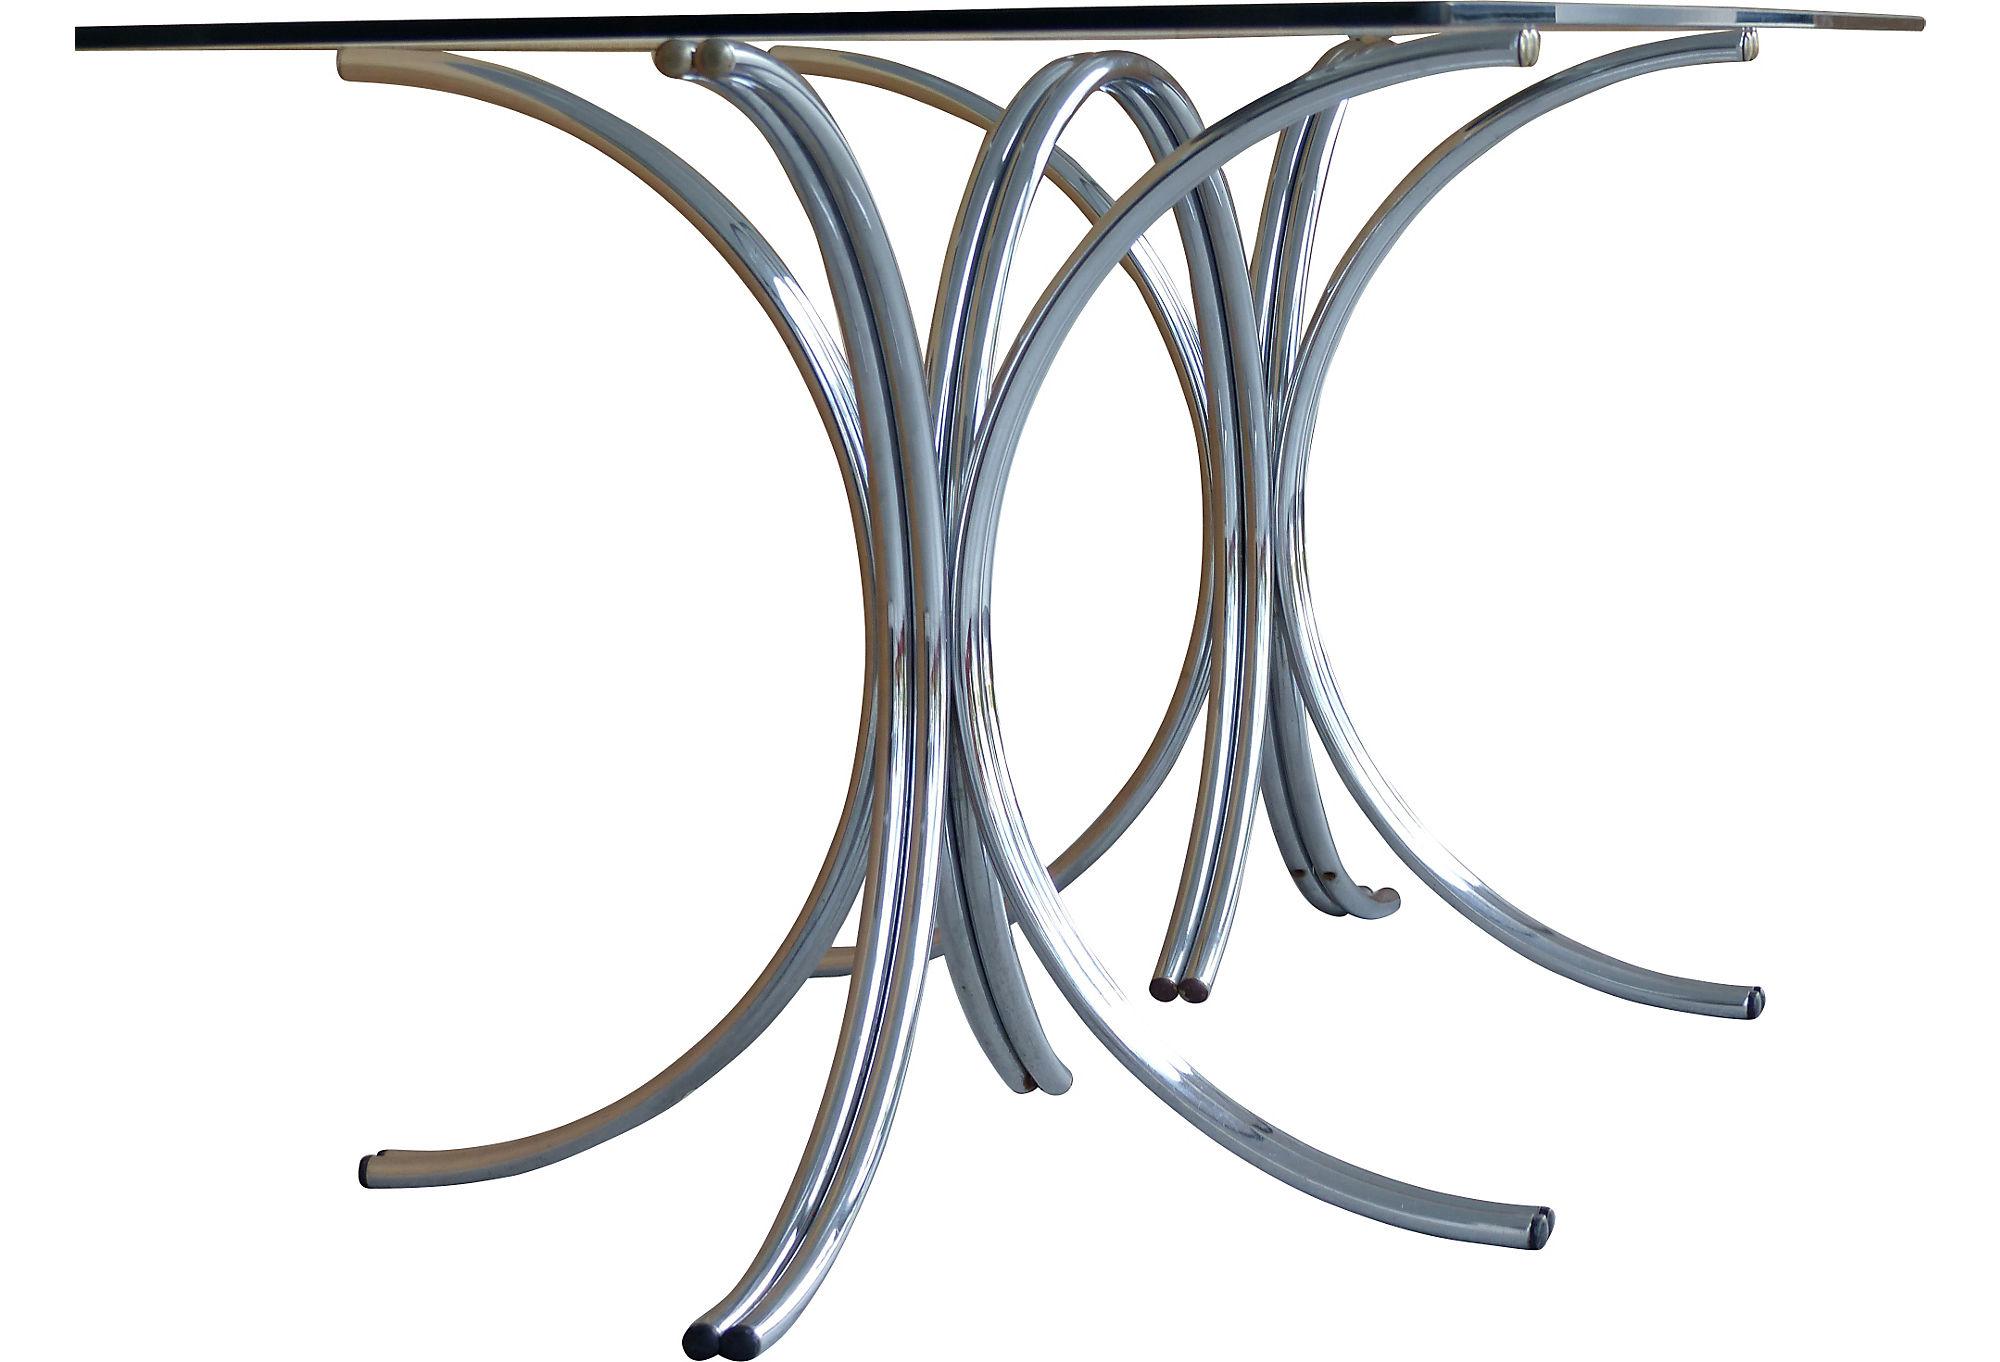 60 S Mid Century Modern Tubular Chrome Gl Dining Table